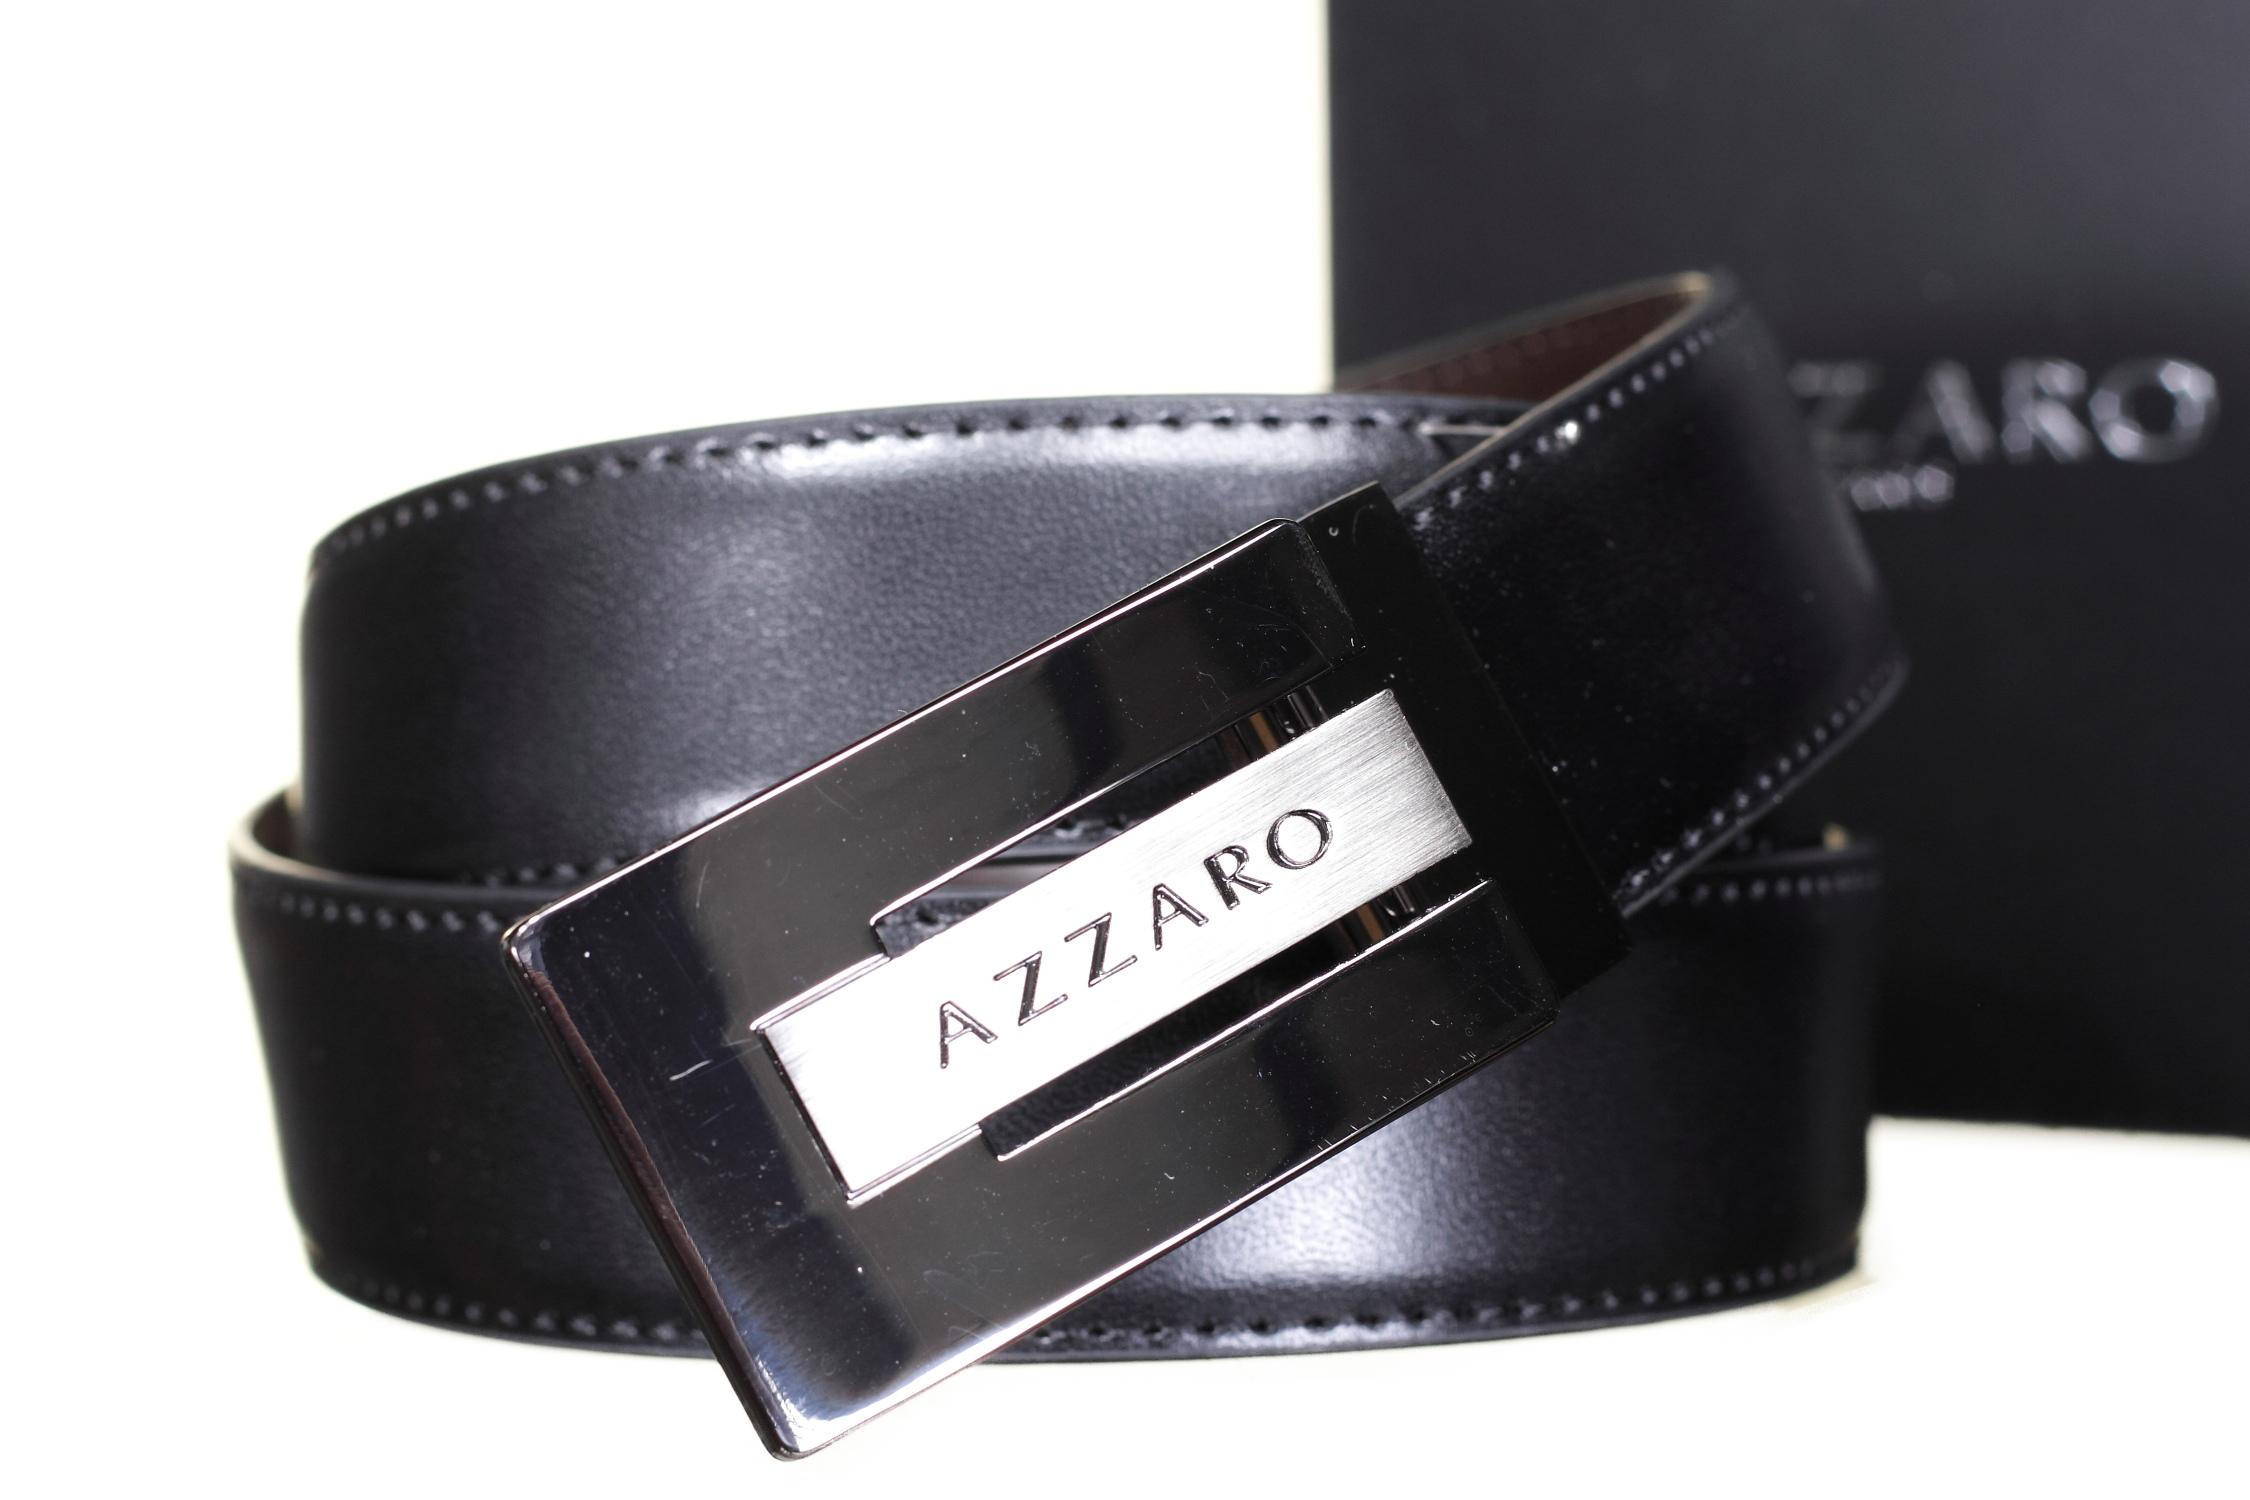 https://www.leadermode.com/90190/azzaro-21171-reversible-noir-marron.jpg